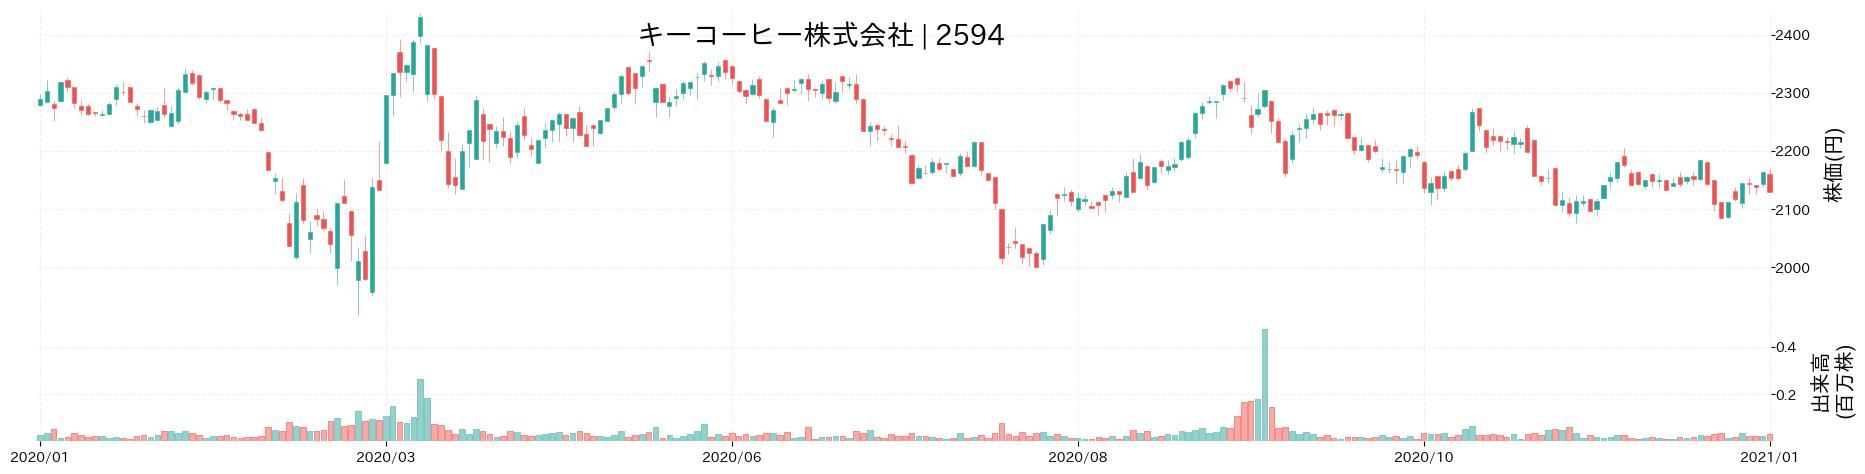 キーコーヒー株式会社の株価推移(2020)